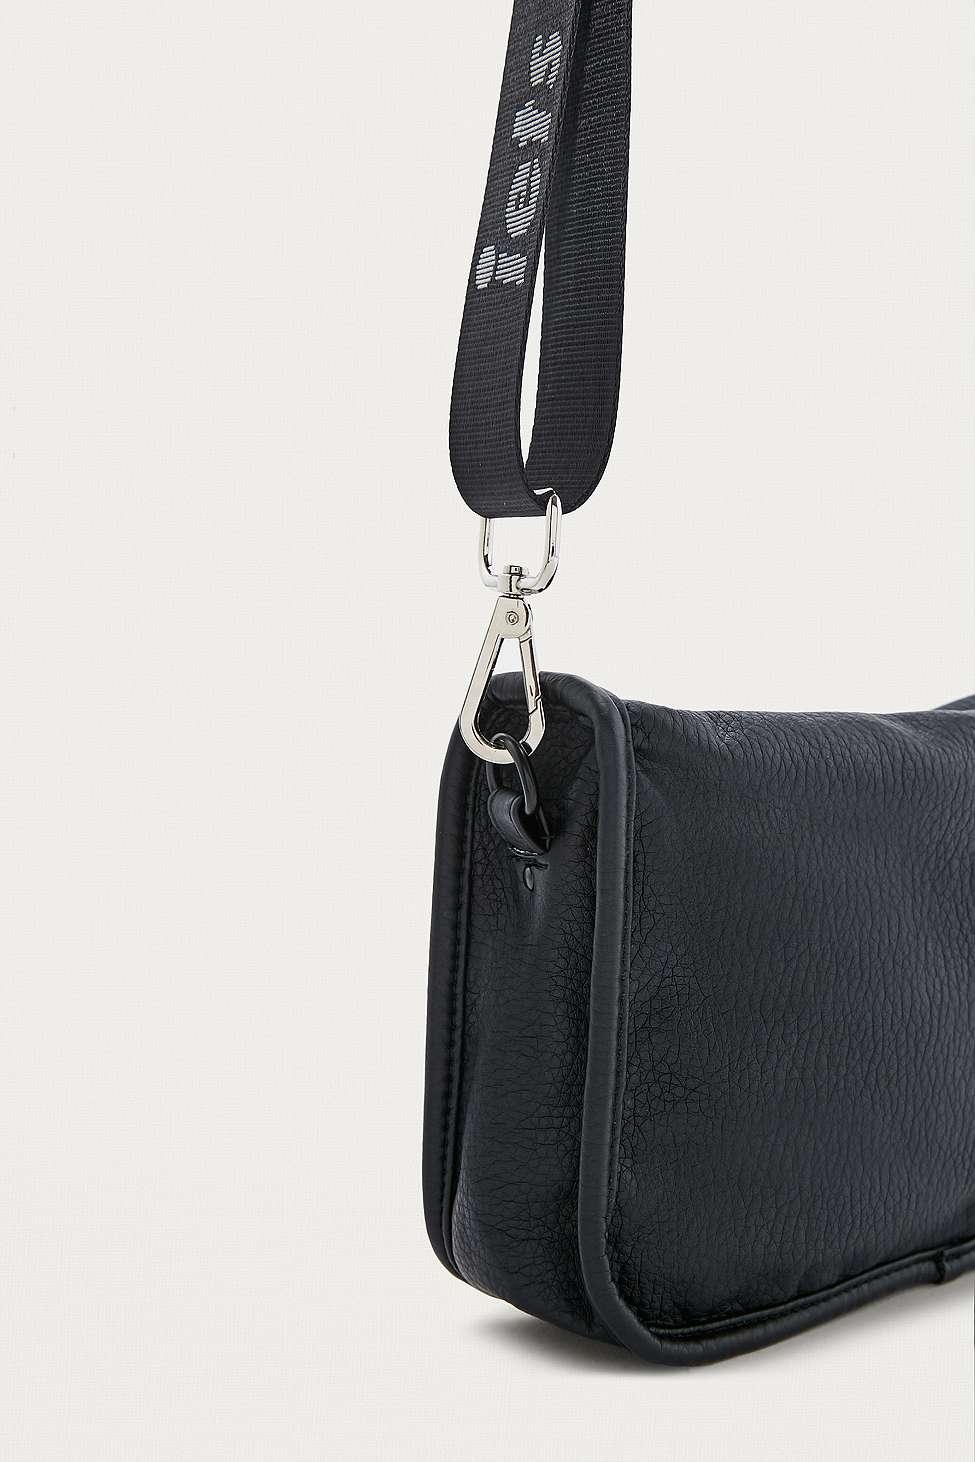 iets frans…  Detachable Bag Strap, Black